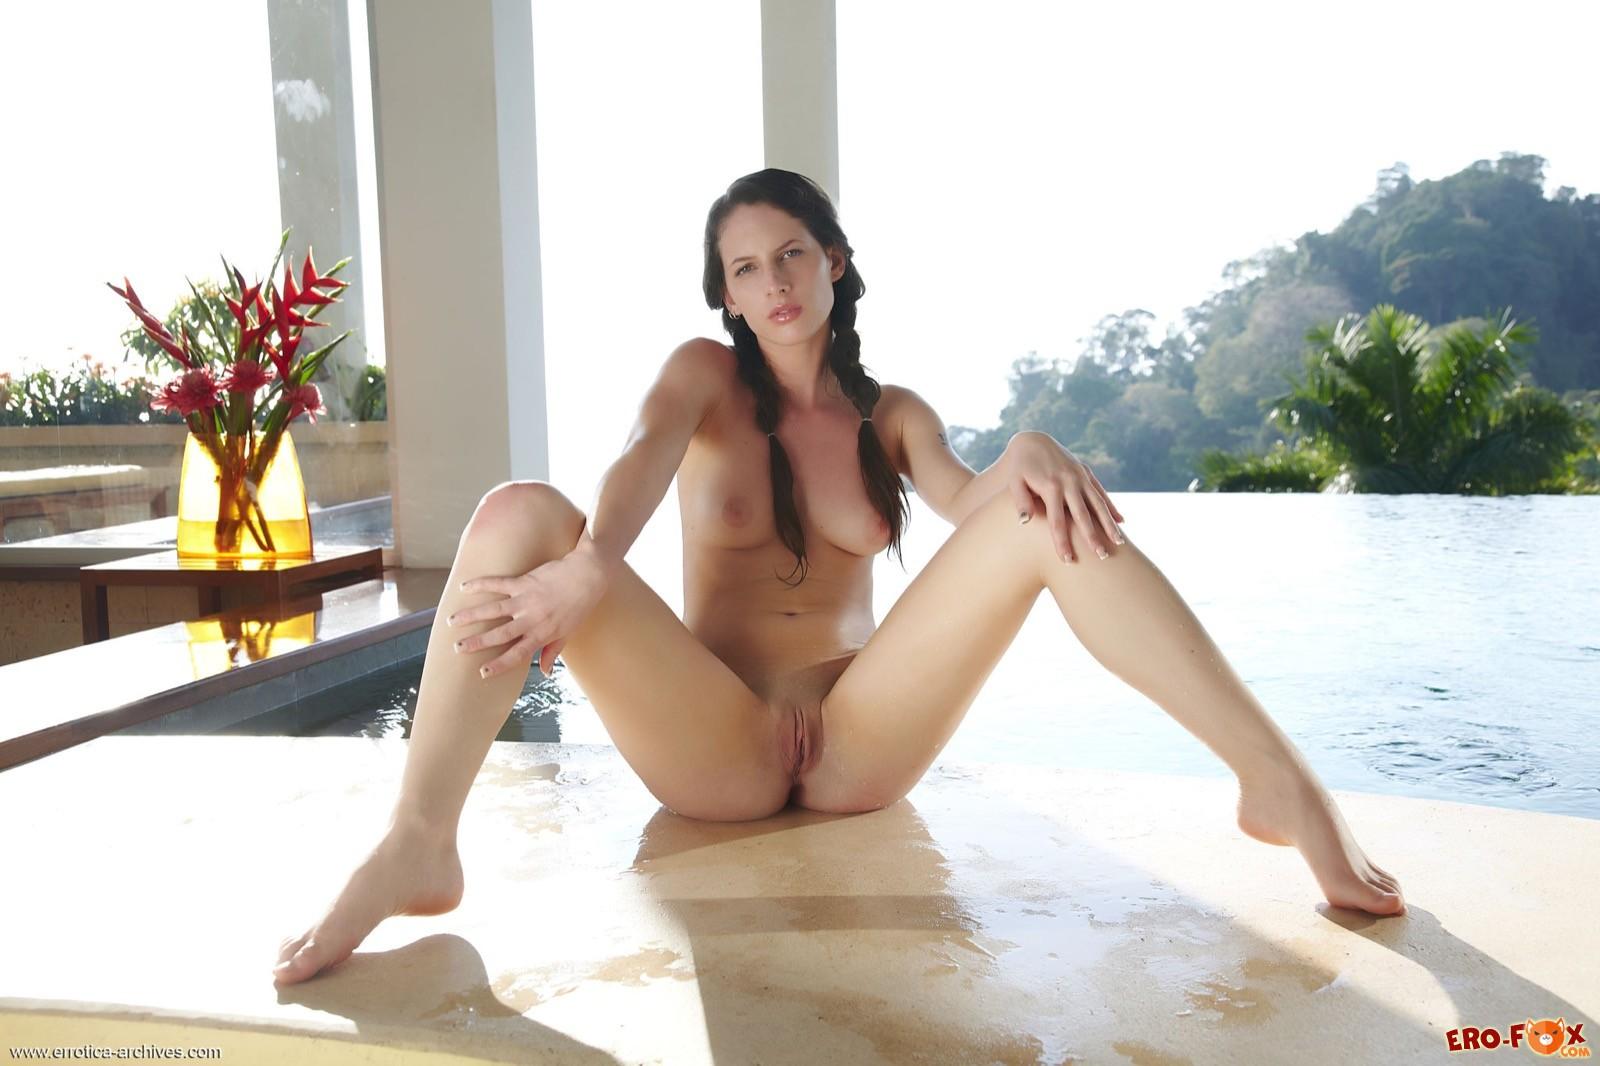 Девушка с косичками показала голое тело у бассейна